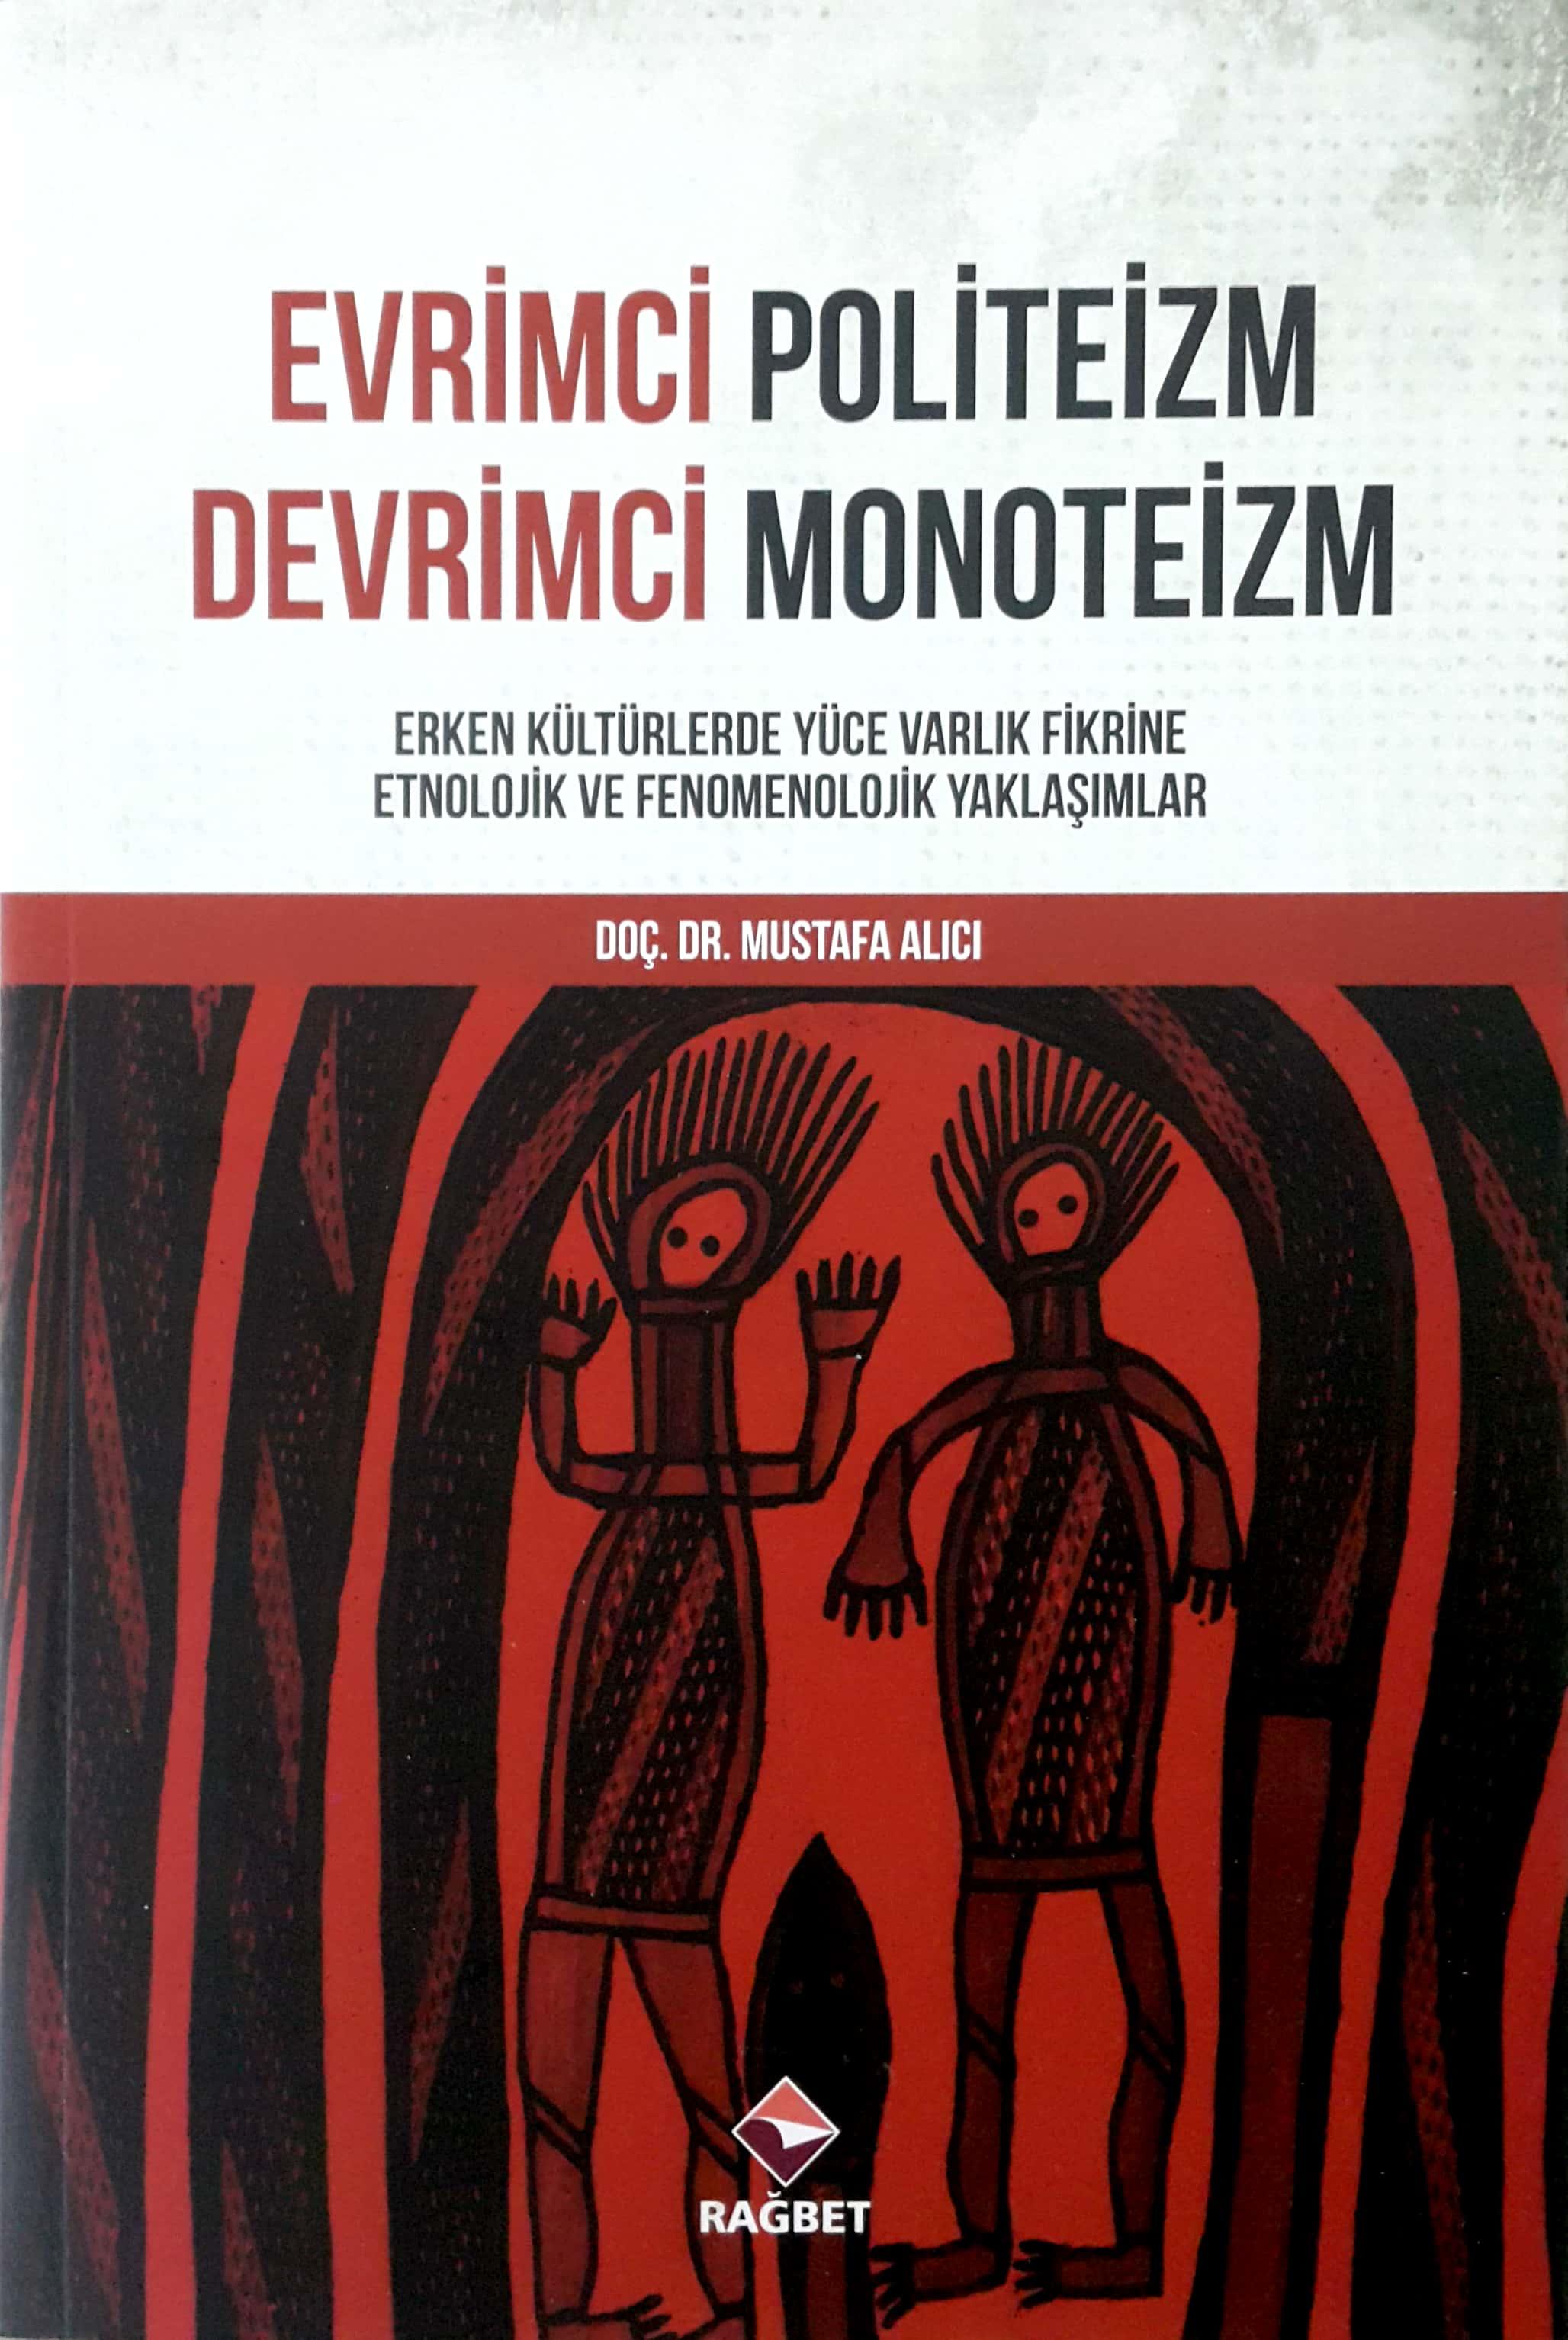 Evrimci Politeizm Devrimci Monoteizm; Erken Kültürlerde Yüce Varlık Fikrine Etnolojik ve Fenomenolojik Yaklaşımlar